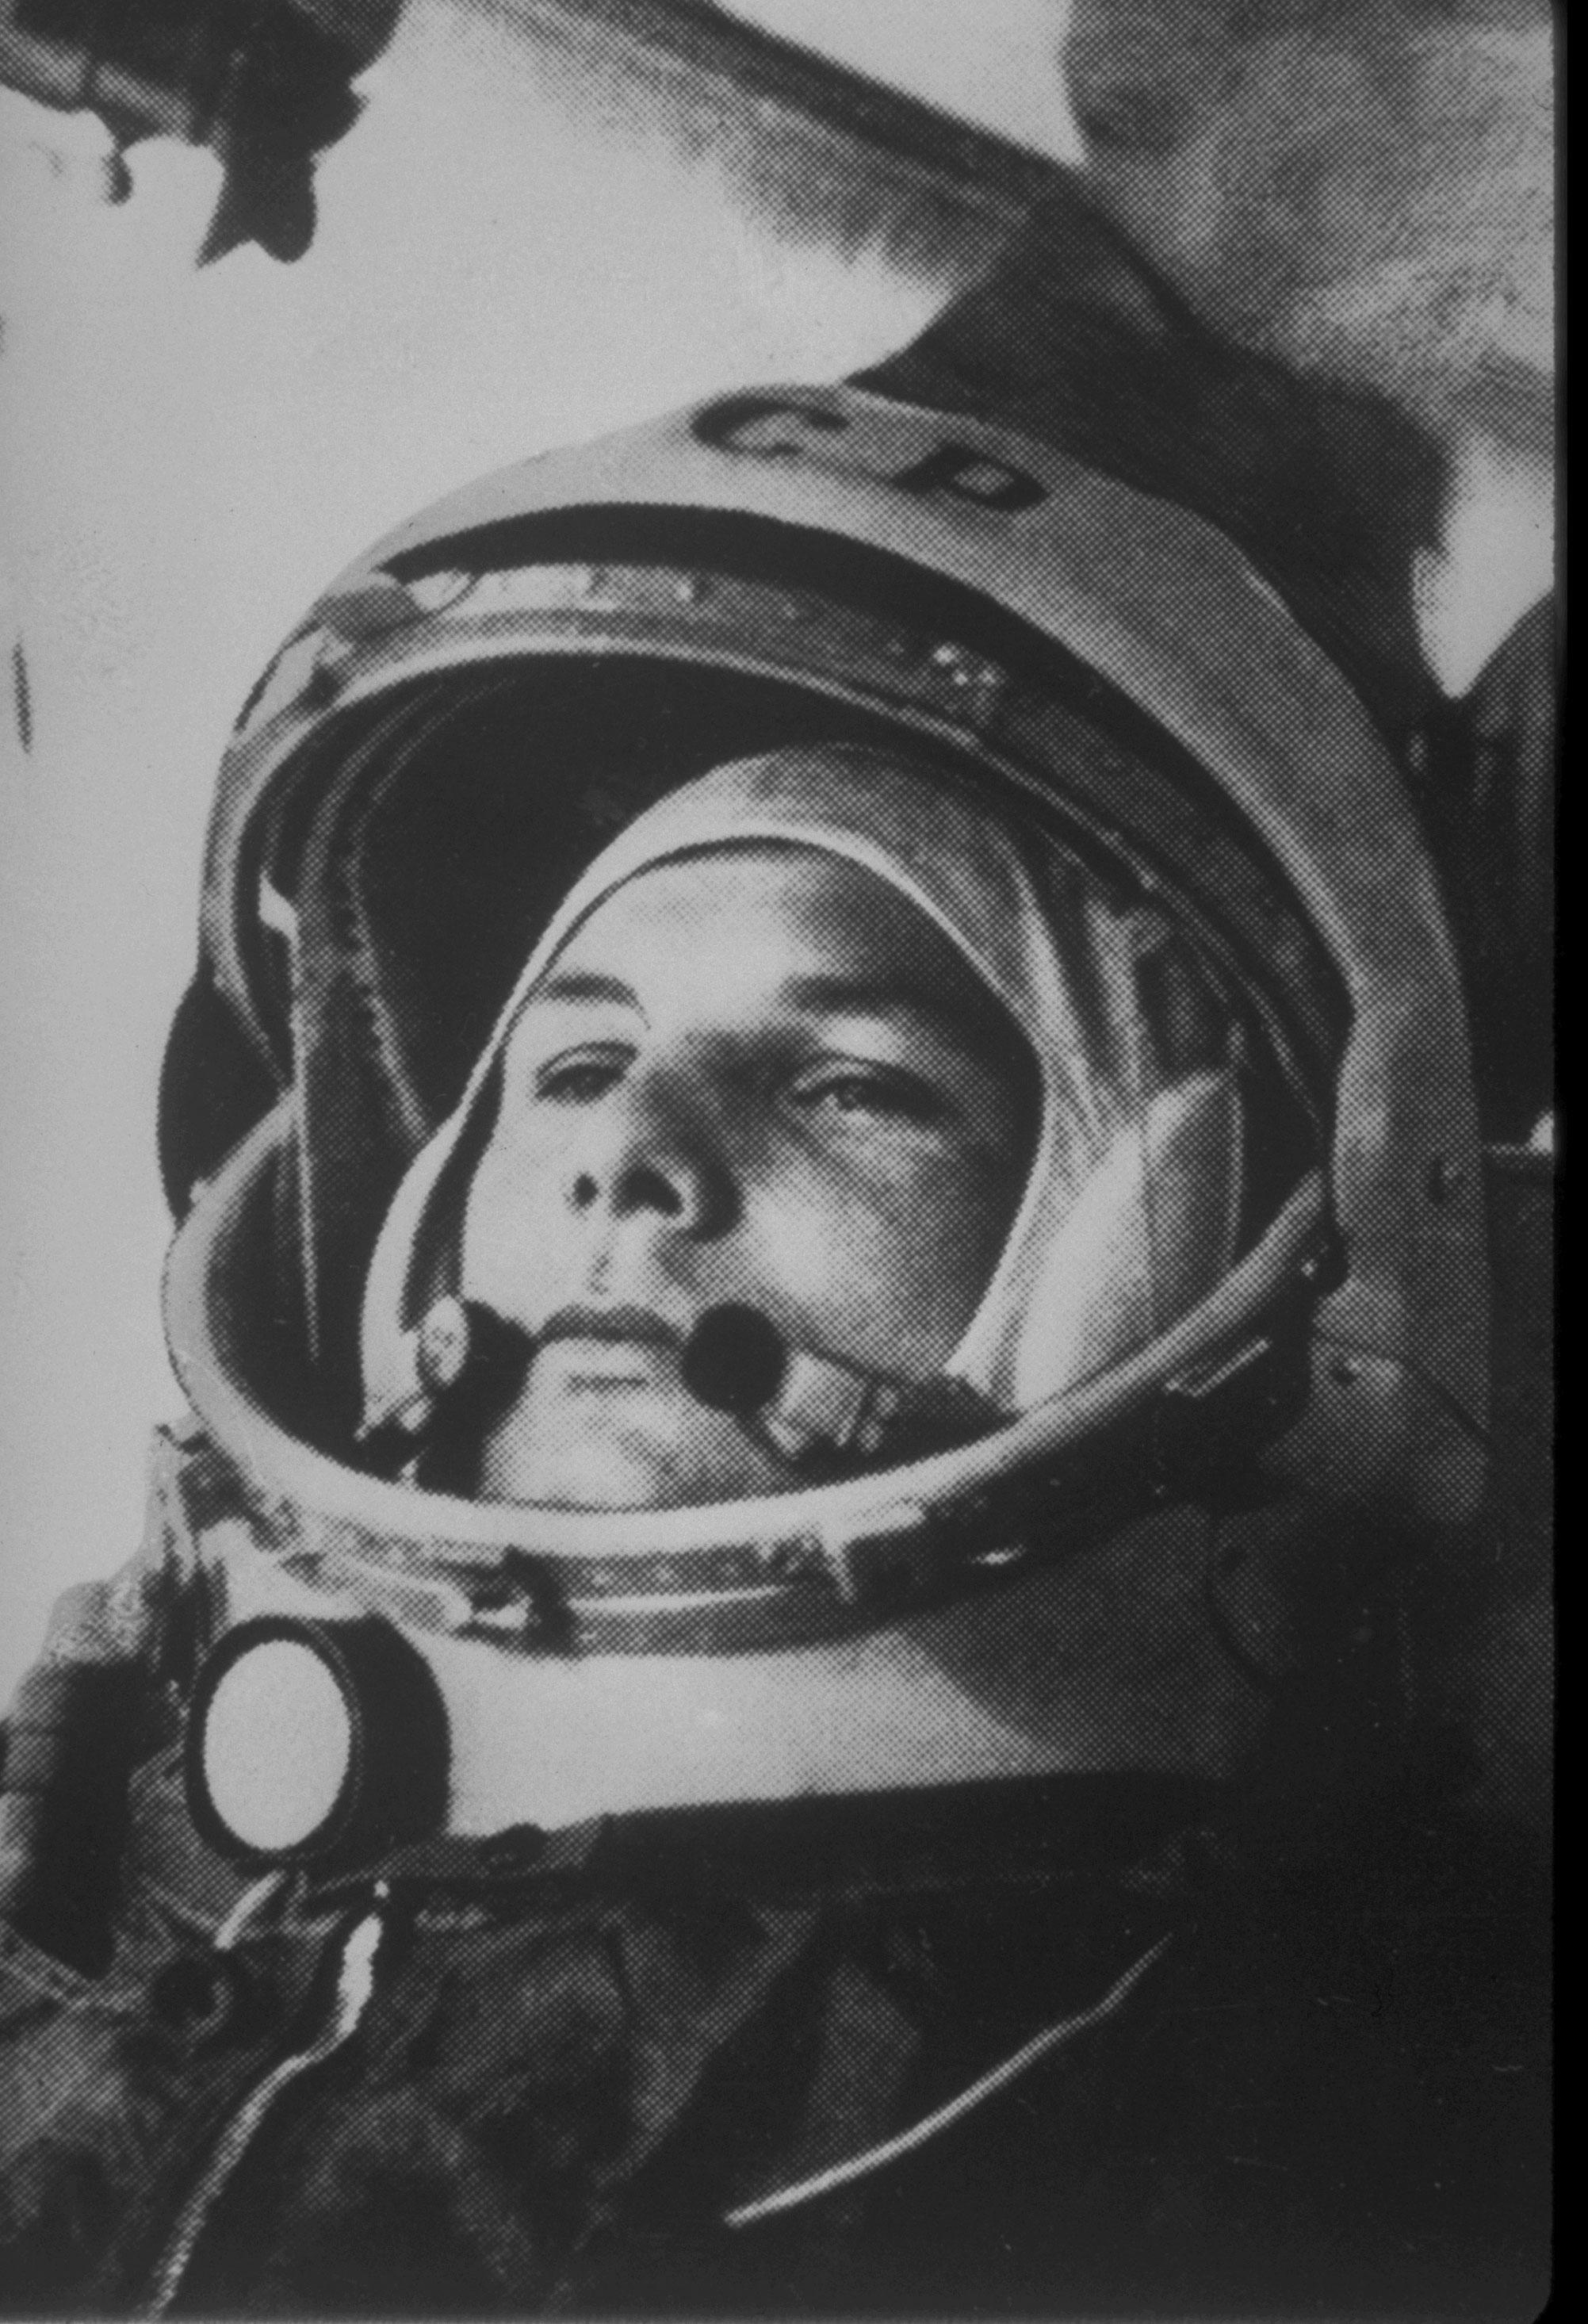 蘇聯加格林為史上第一個進入外太空的太空人。(美聯社)